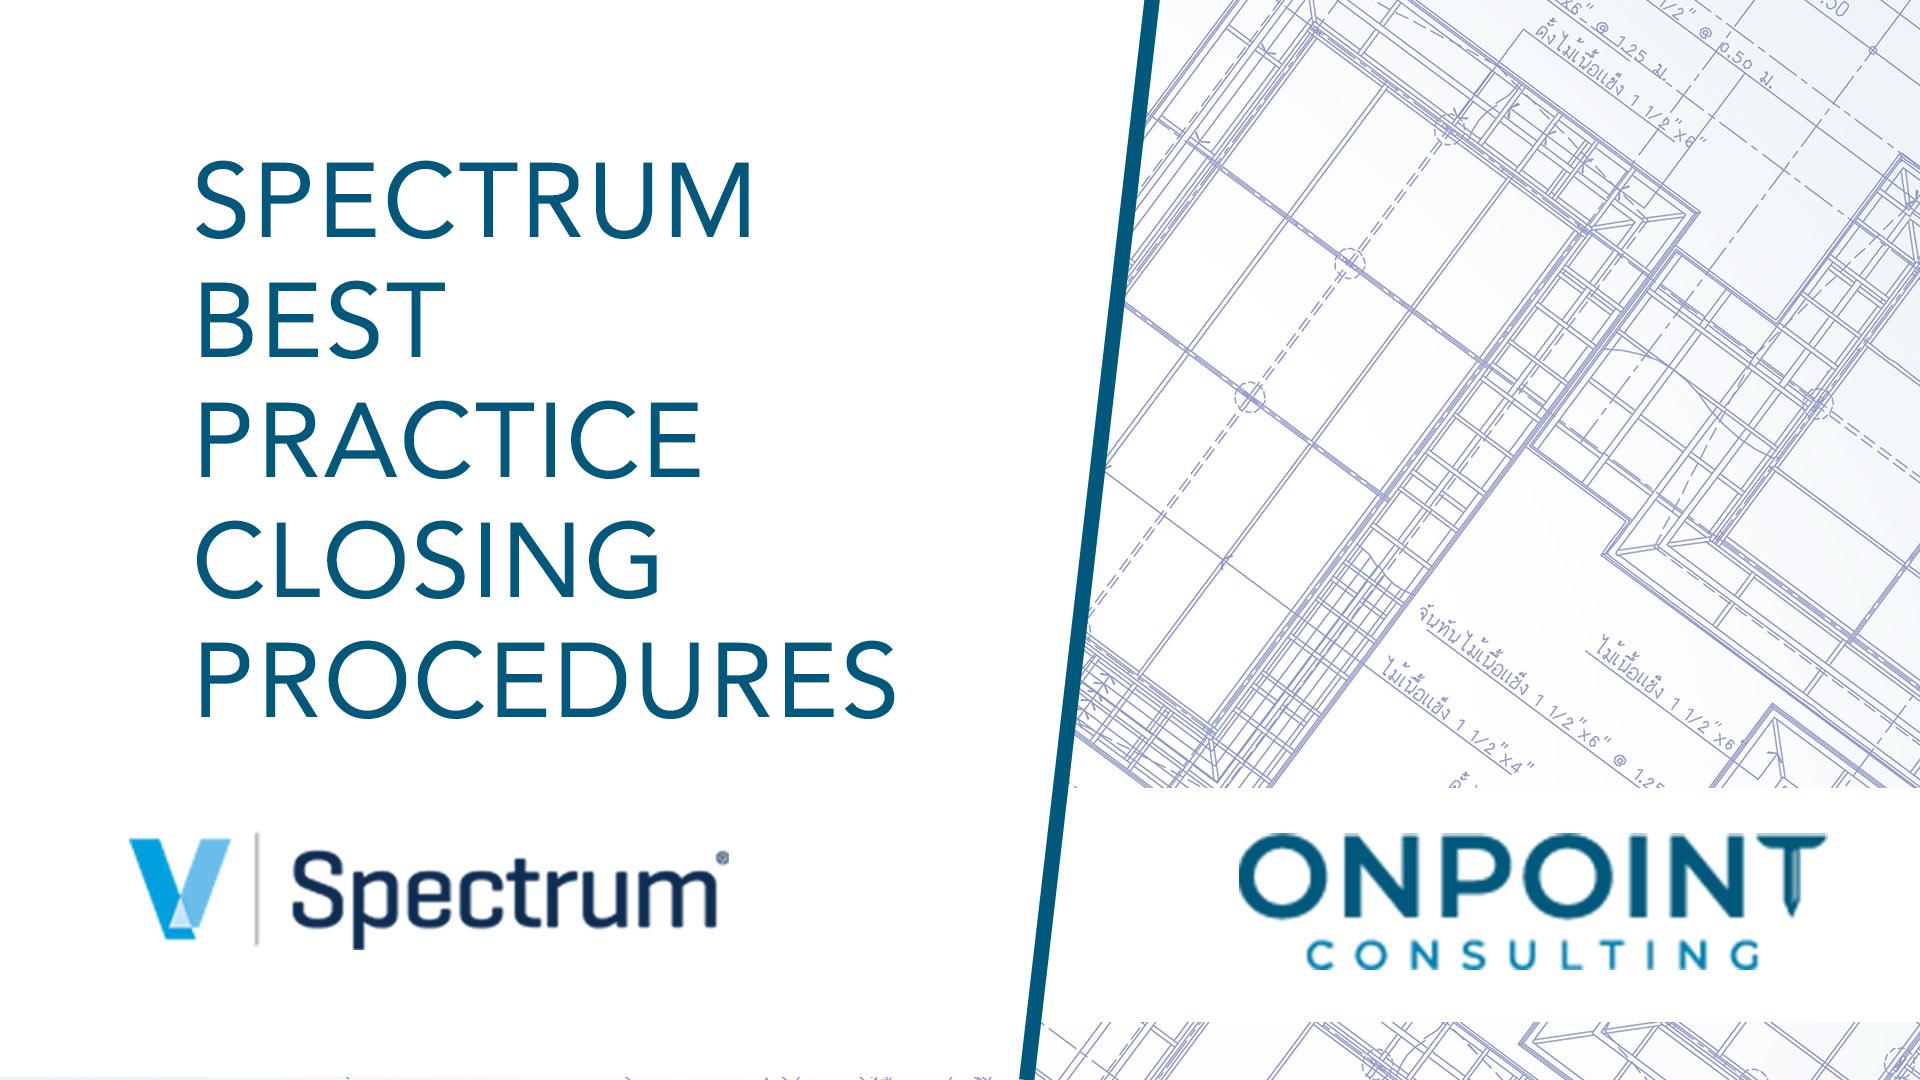 Spectrum Best Practice Closing Procedures